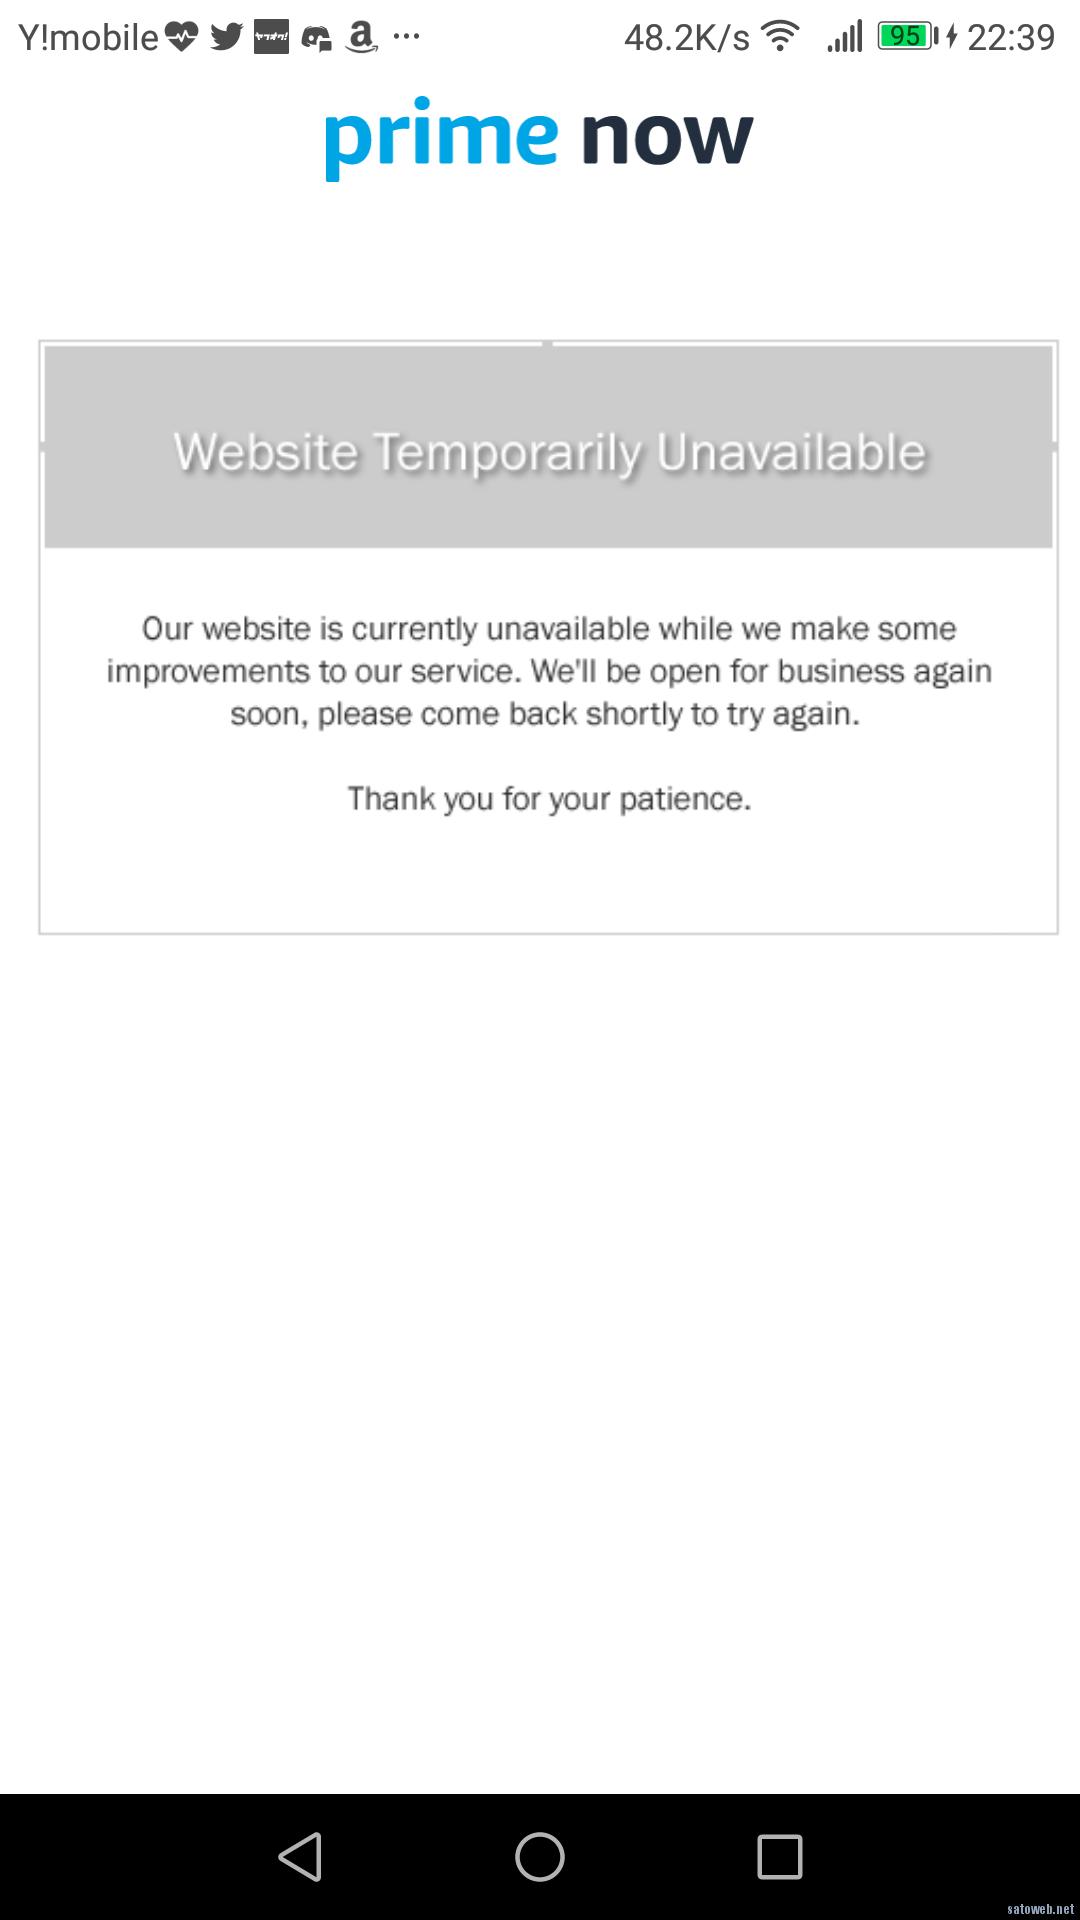 ついに! スプラトゥーン2発売! プライムナウで先行販売するもののプライムナウが死ぬ事態に。